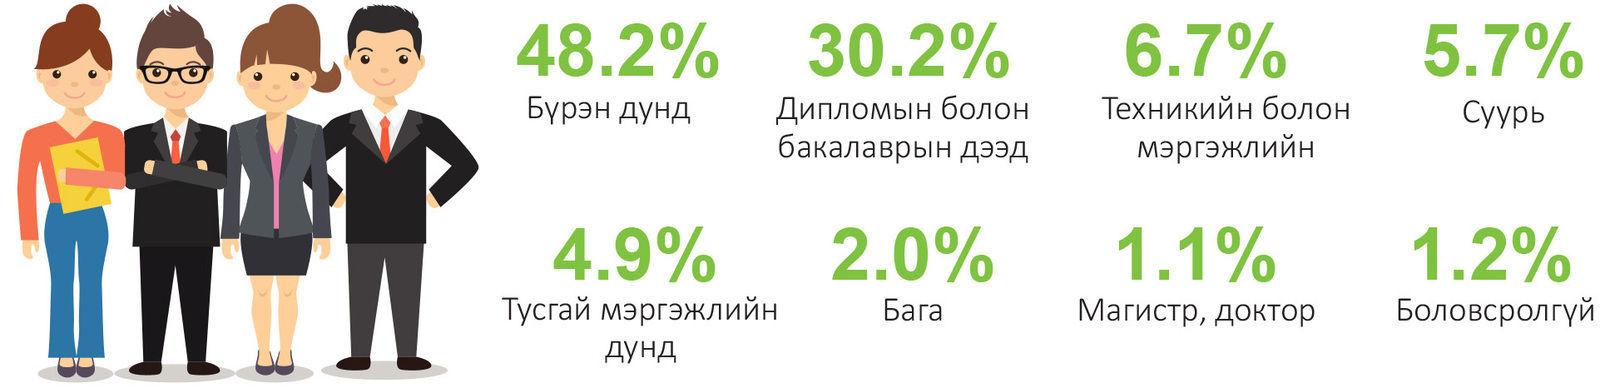 3820cc___x974 Ажил хайж бүртгүүлсэн иргэдийн 30.2 хувь нь дээд боловсролтой